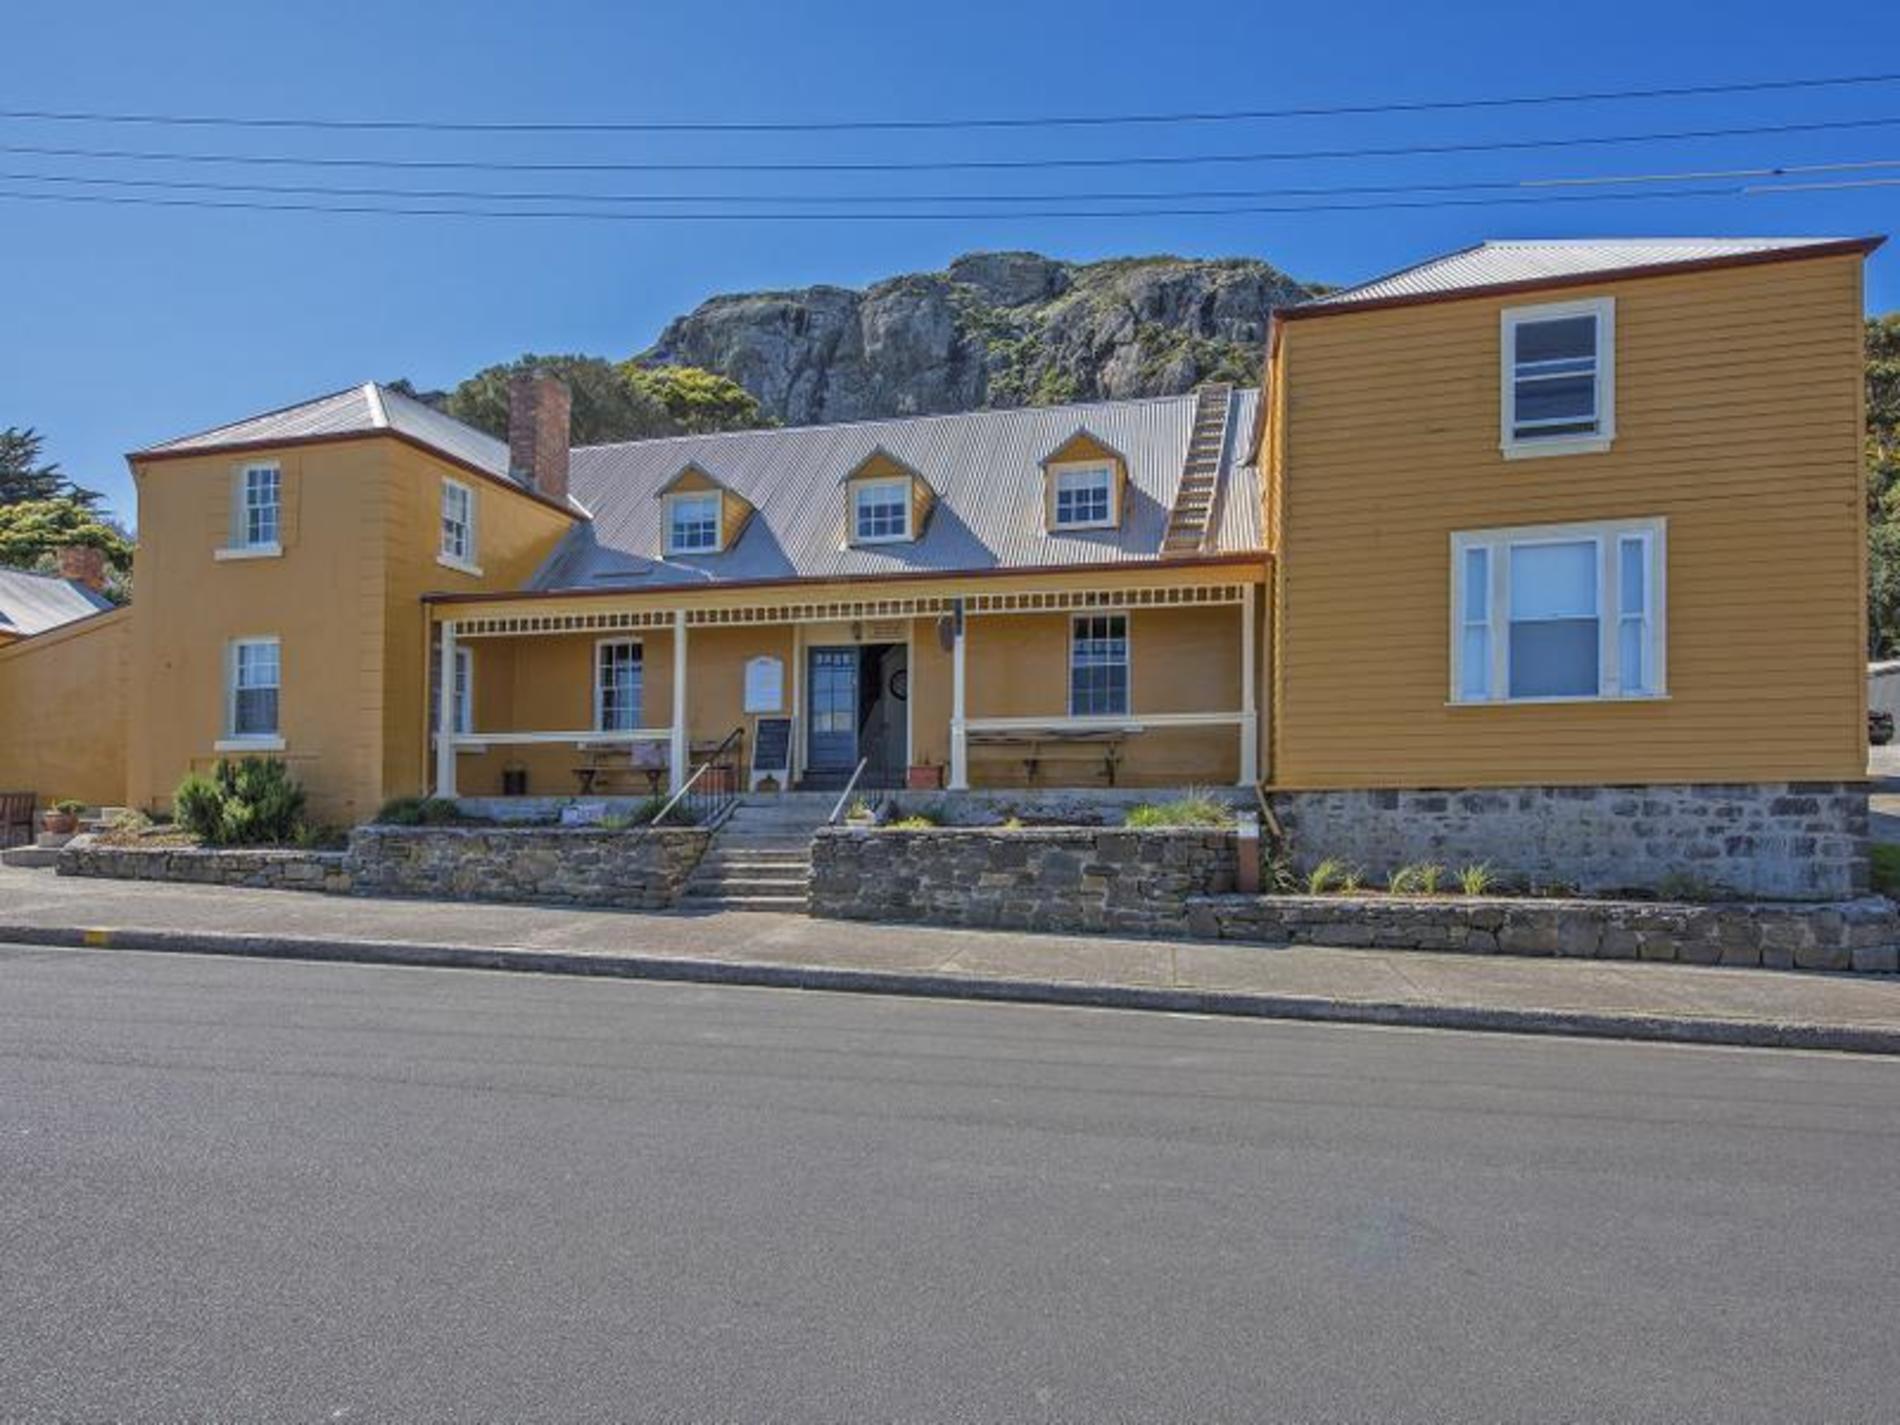 16-18 Alexander Terrace, Stanley